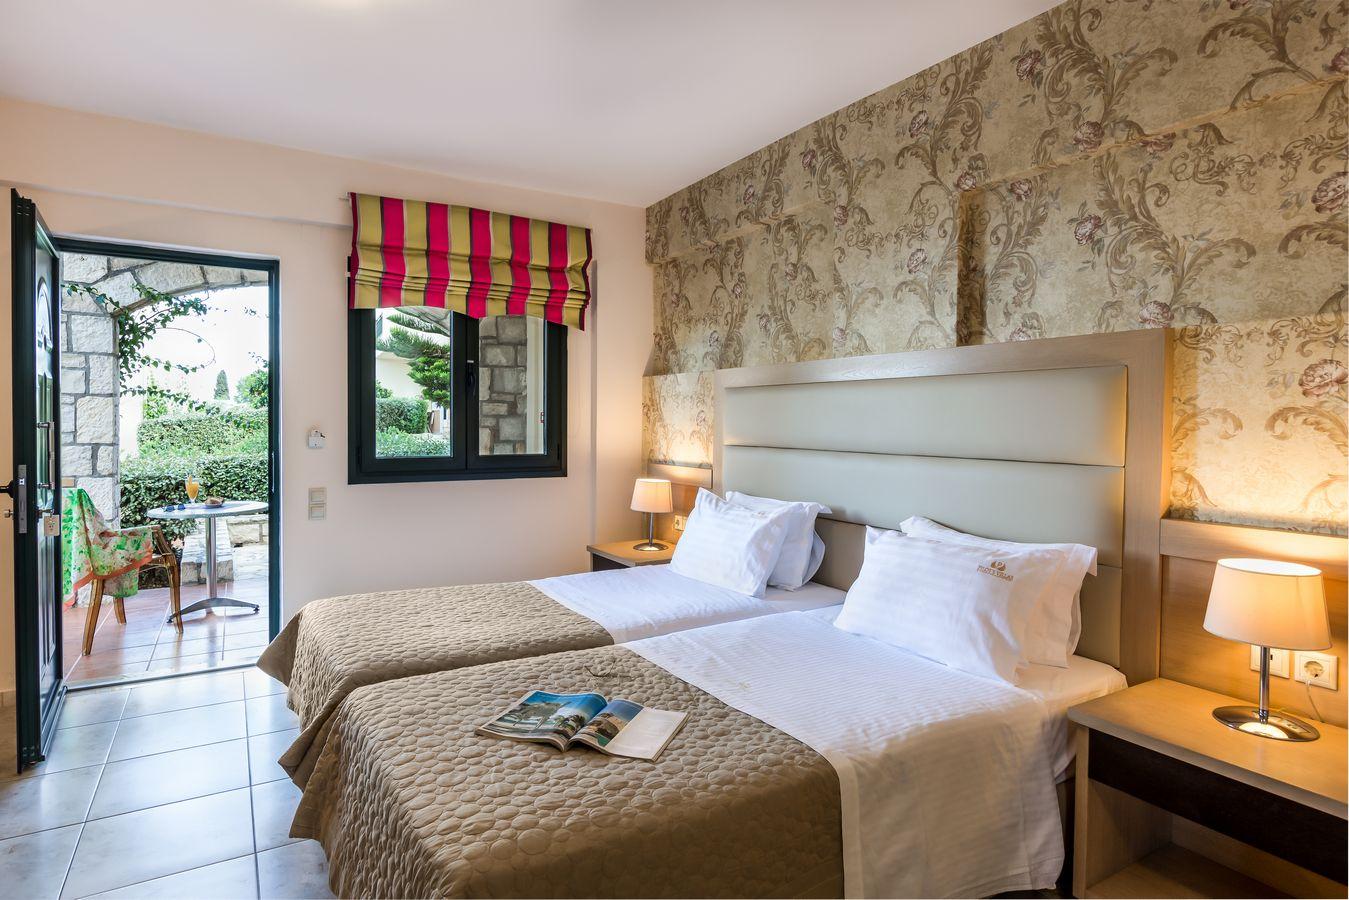 Deluxe Suite bedroom - Pilots Villas Hersonissos Crete